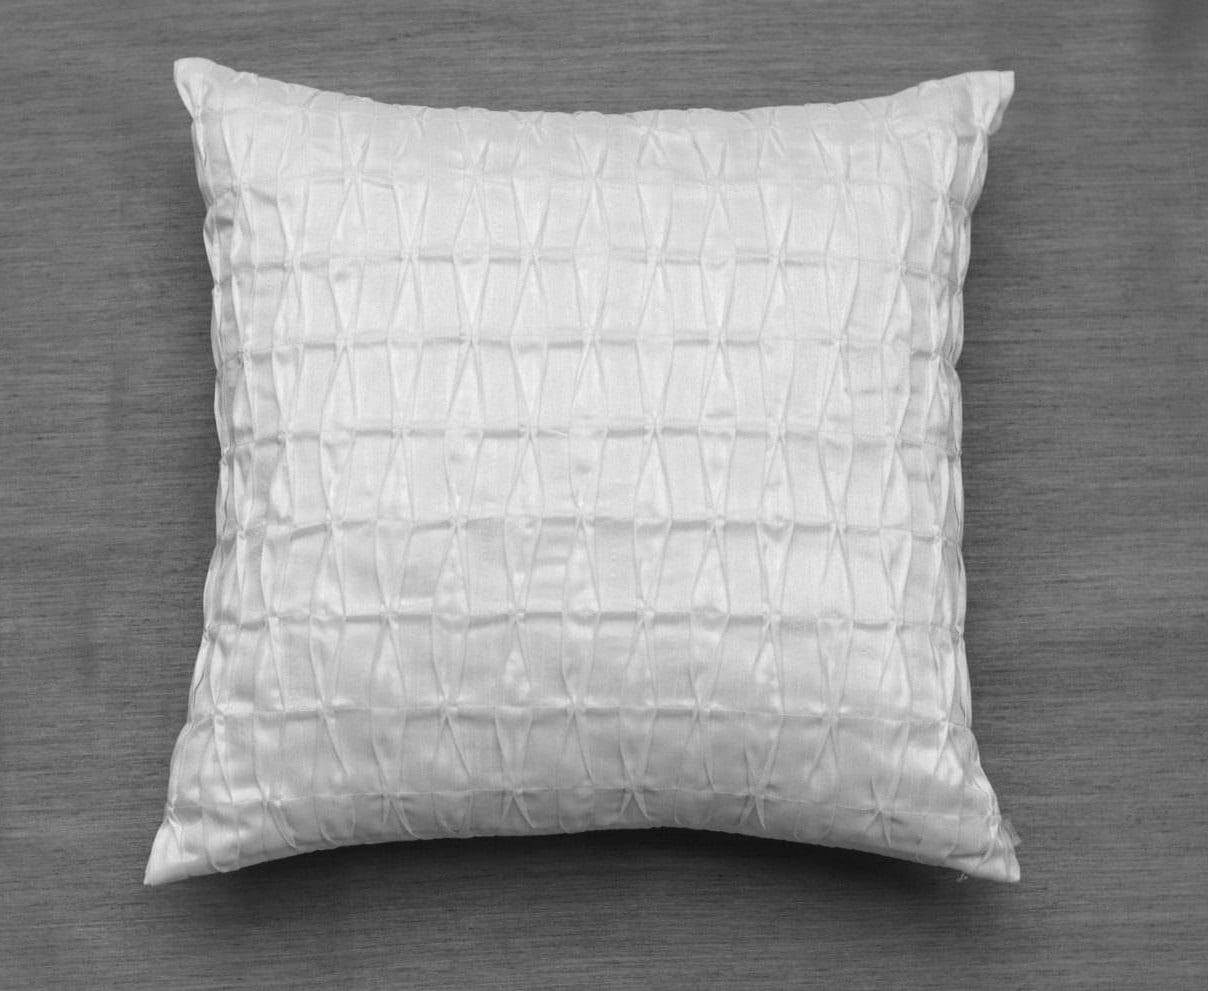 White Throw PillowsWhite Decorative PillowsTextured